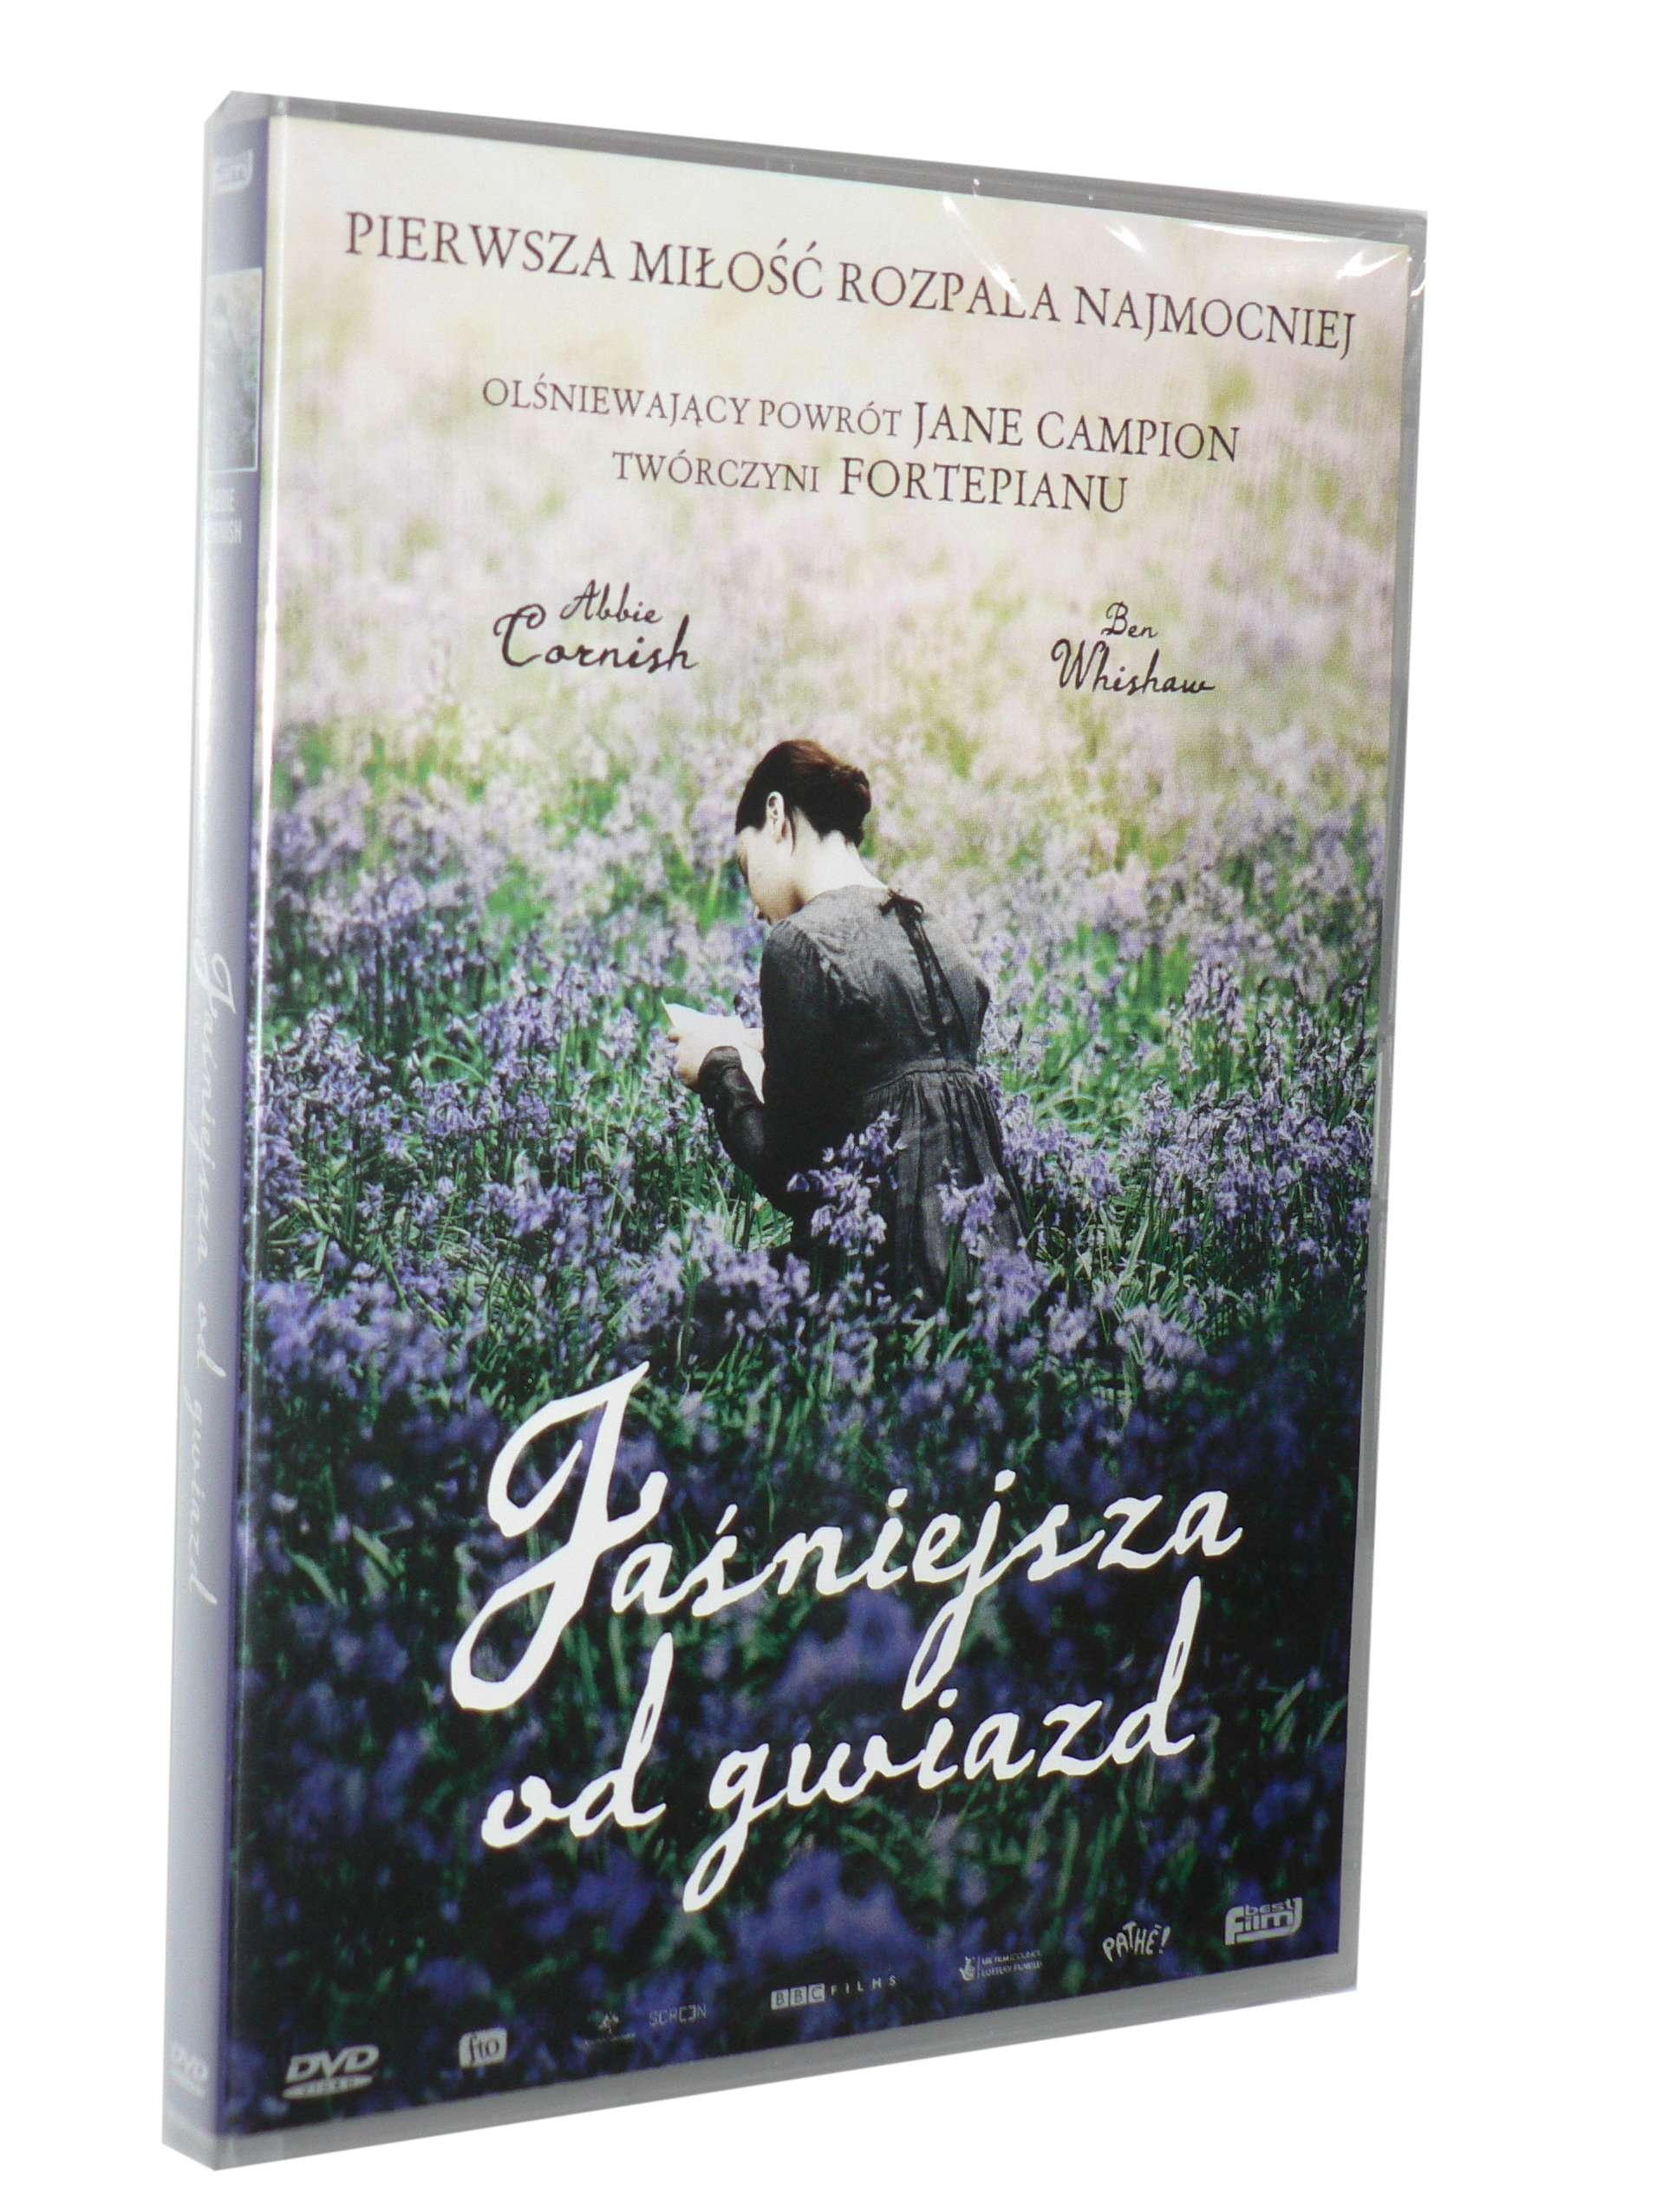 DVD - JAŚNIEJSZA OD GWIAZD (2009) - folia, lektor